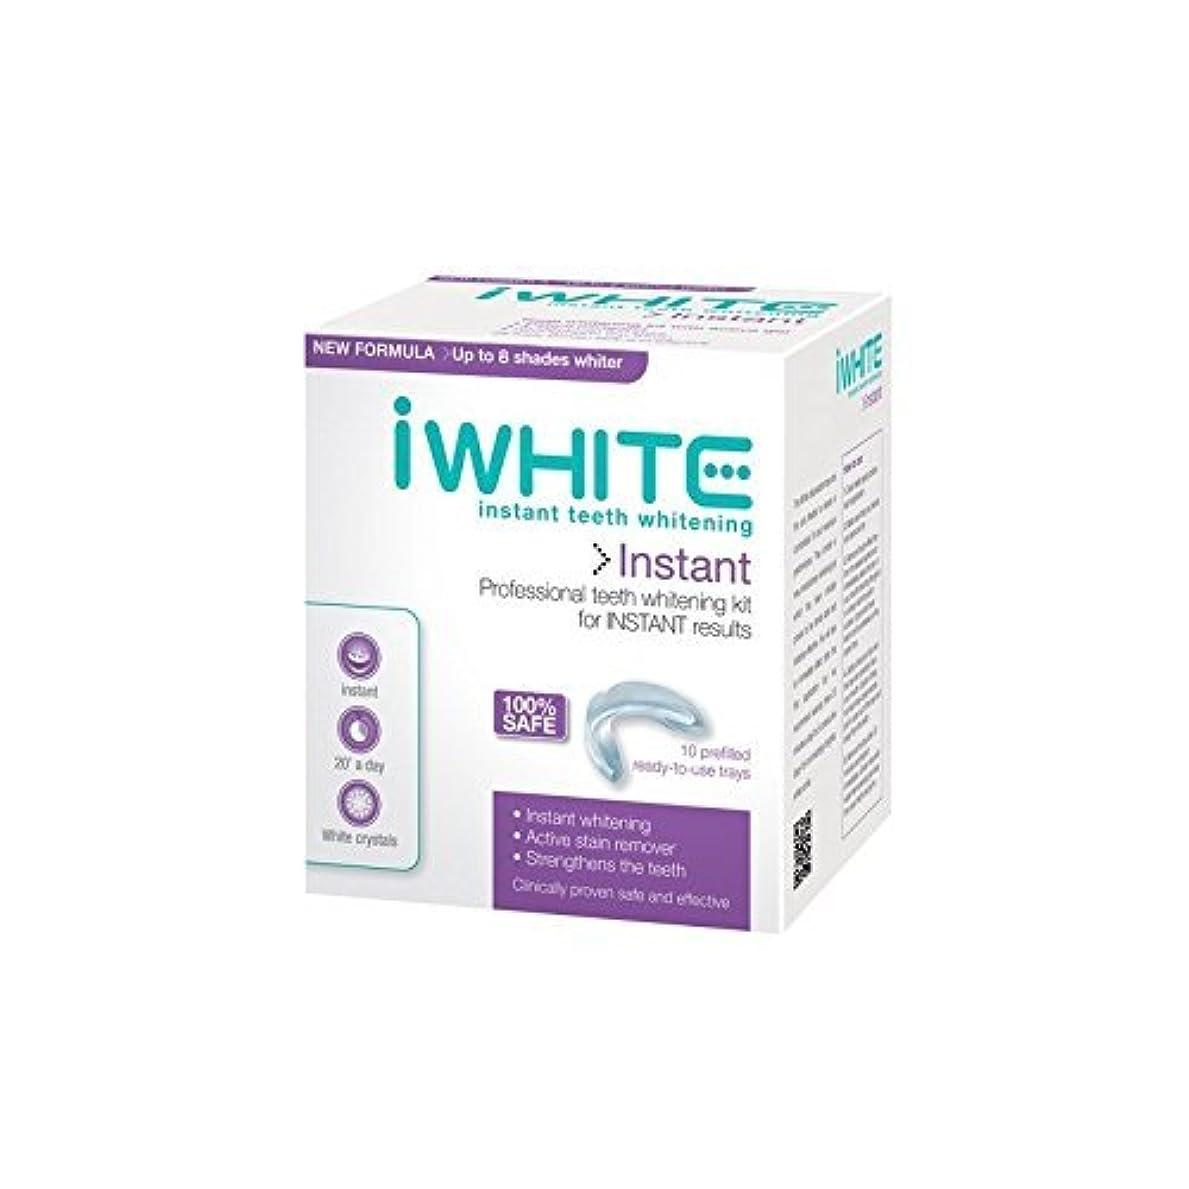 理論的カエル探偵iWhite Instant Professional Teeth Whitening Kit (10 Trays) - キットを白くするインスタントプロの歯(10個のトレー) [並行輸入品]